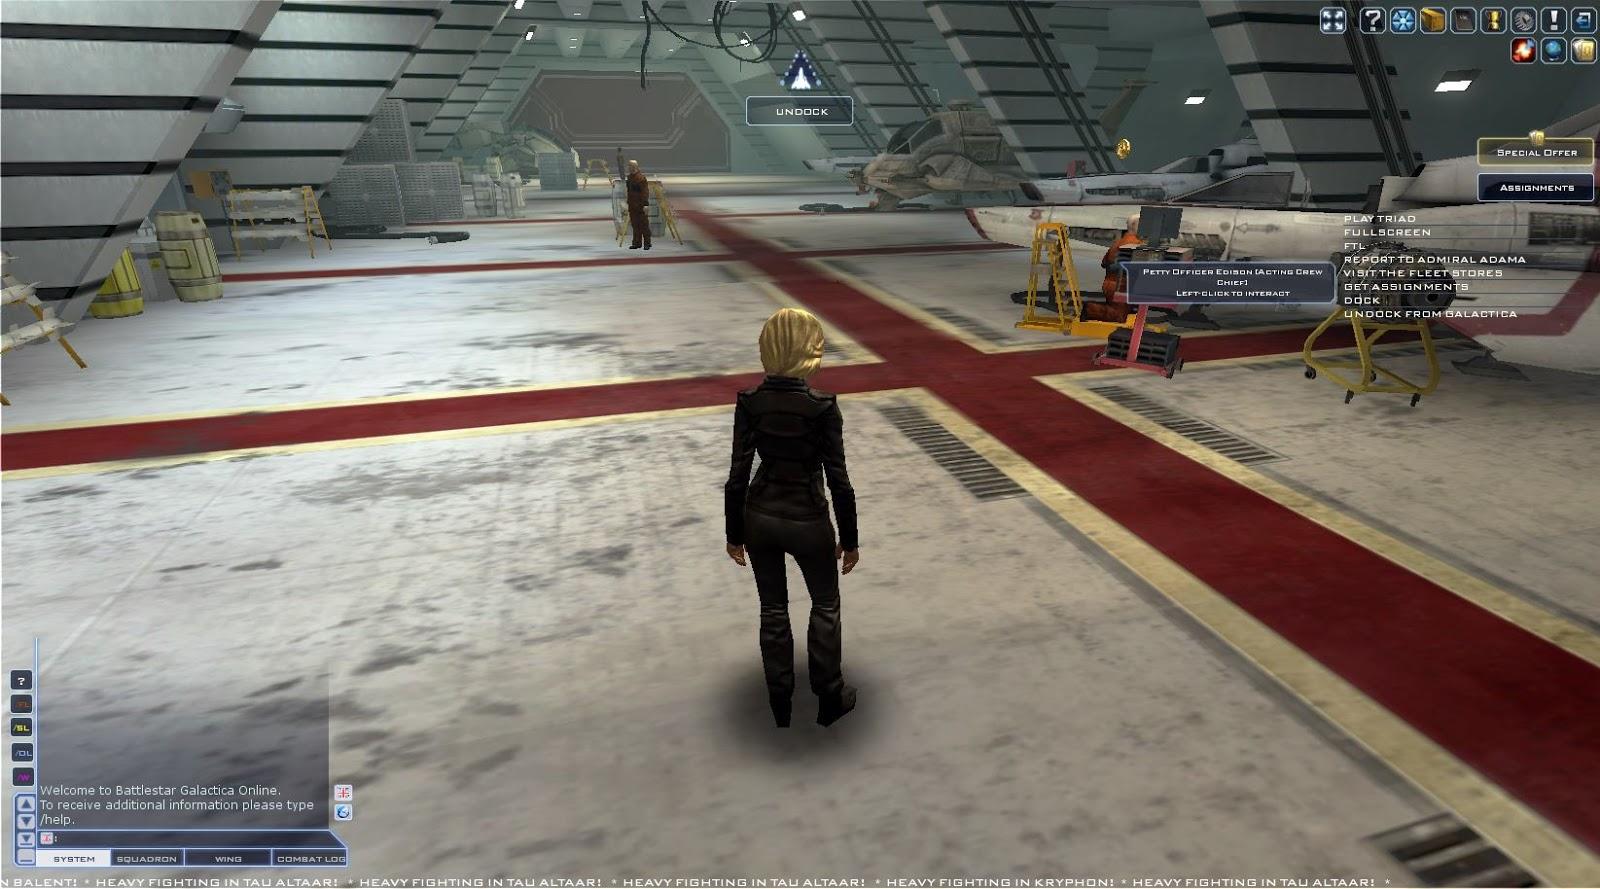 Battlestar Galactica Online - Hangar Deck